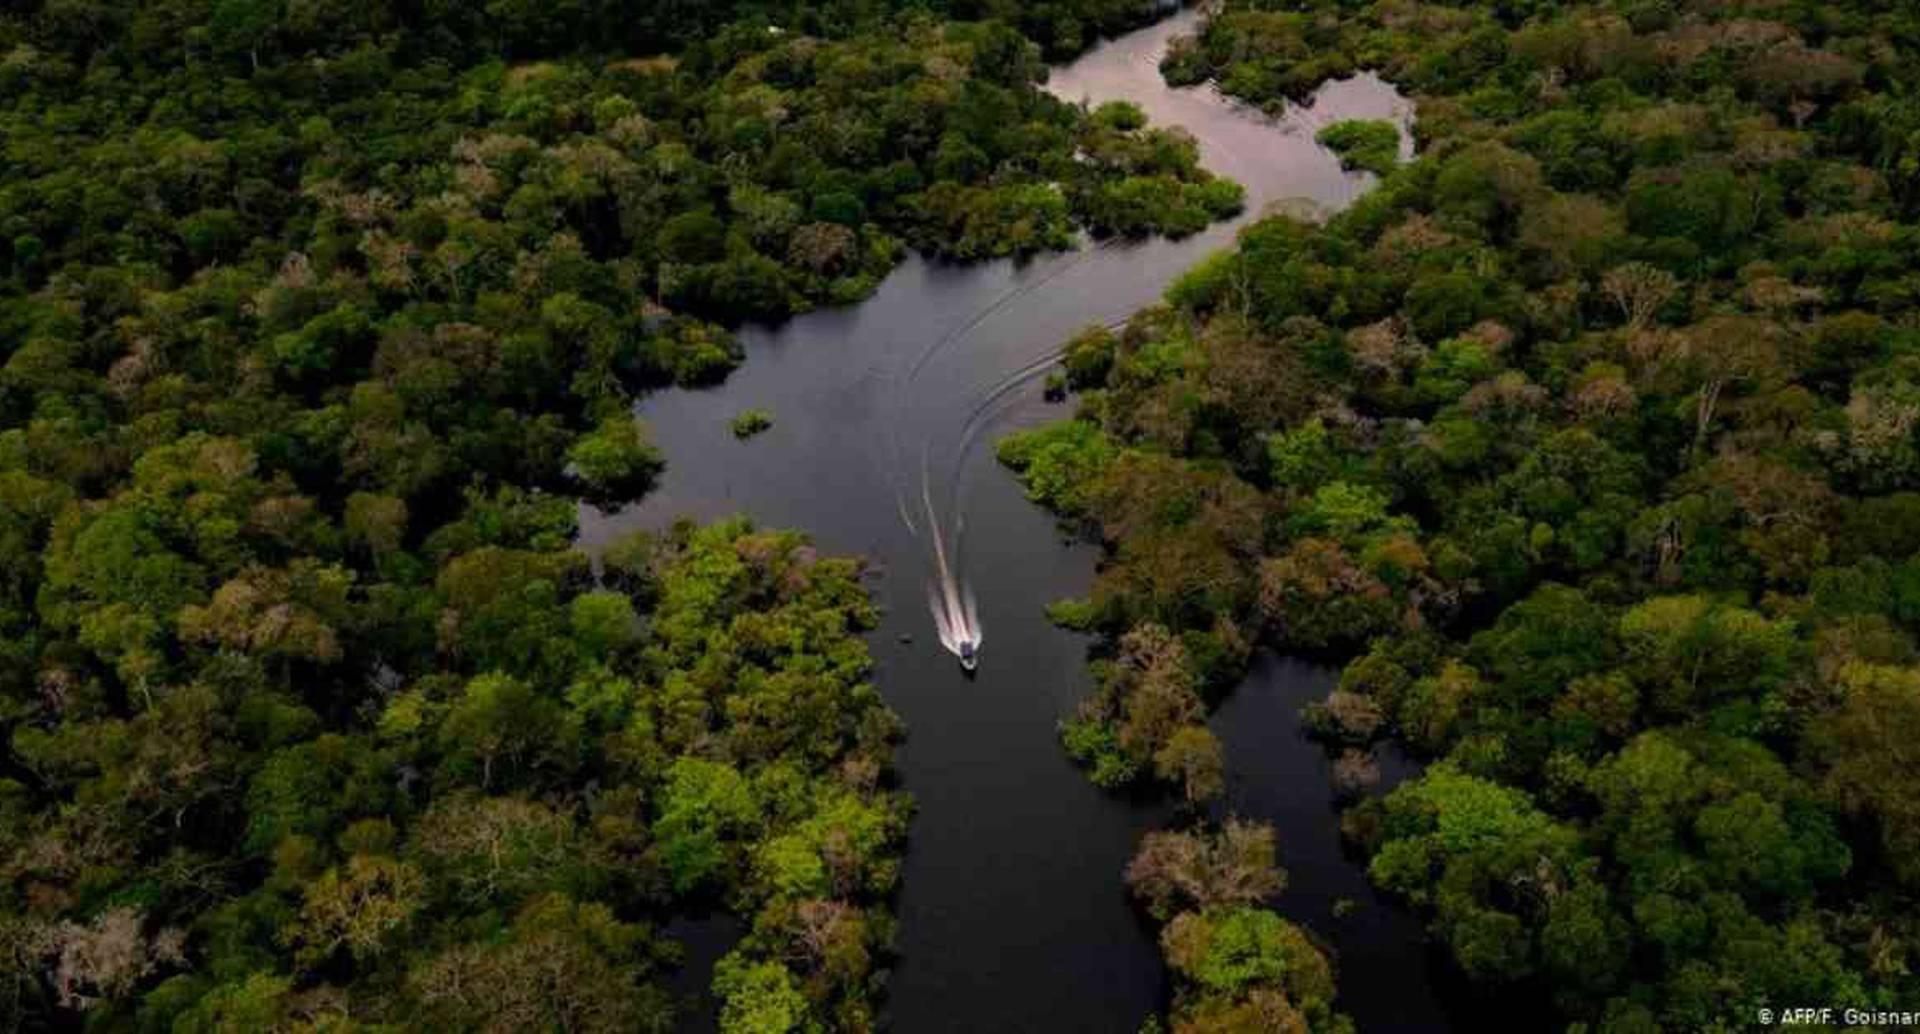 La deforestación amenaza con sucumbir la Amazonia, el pulmón verde del planeta. Foto: F. Goisnard / AFP vía DW.